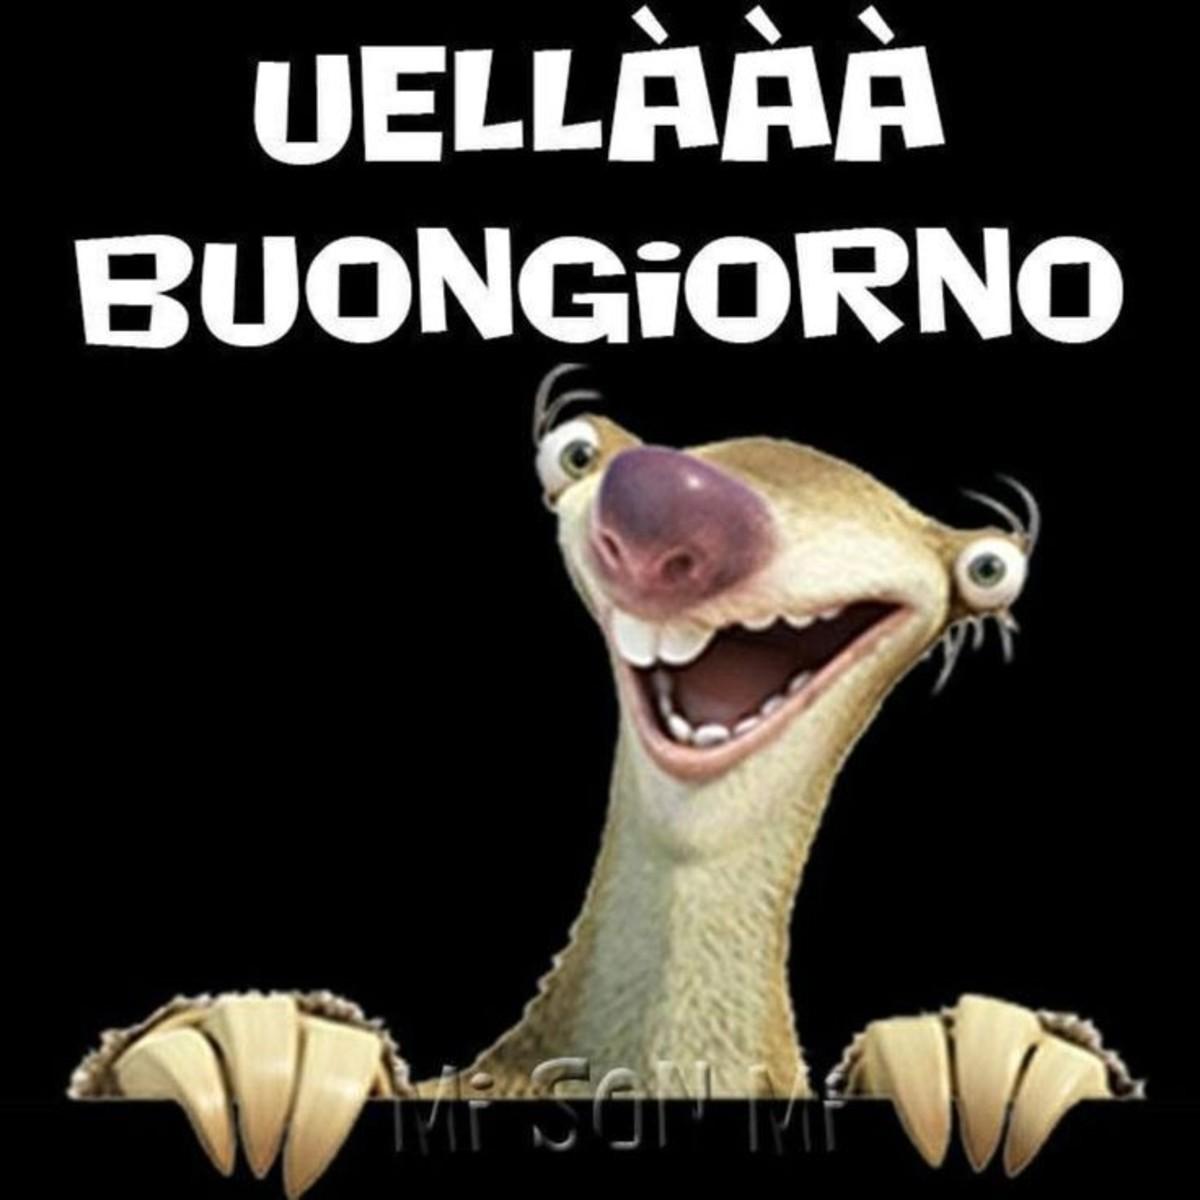 Buongiorno Allegro A Te 3 Buongiornoate It